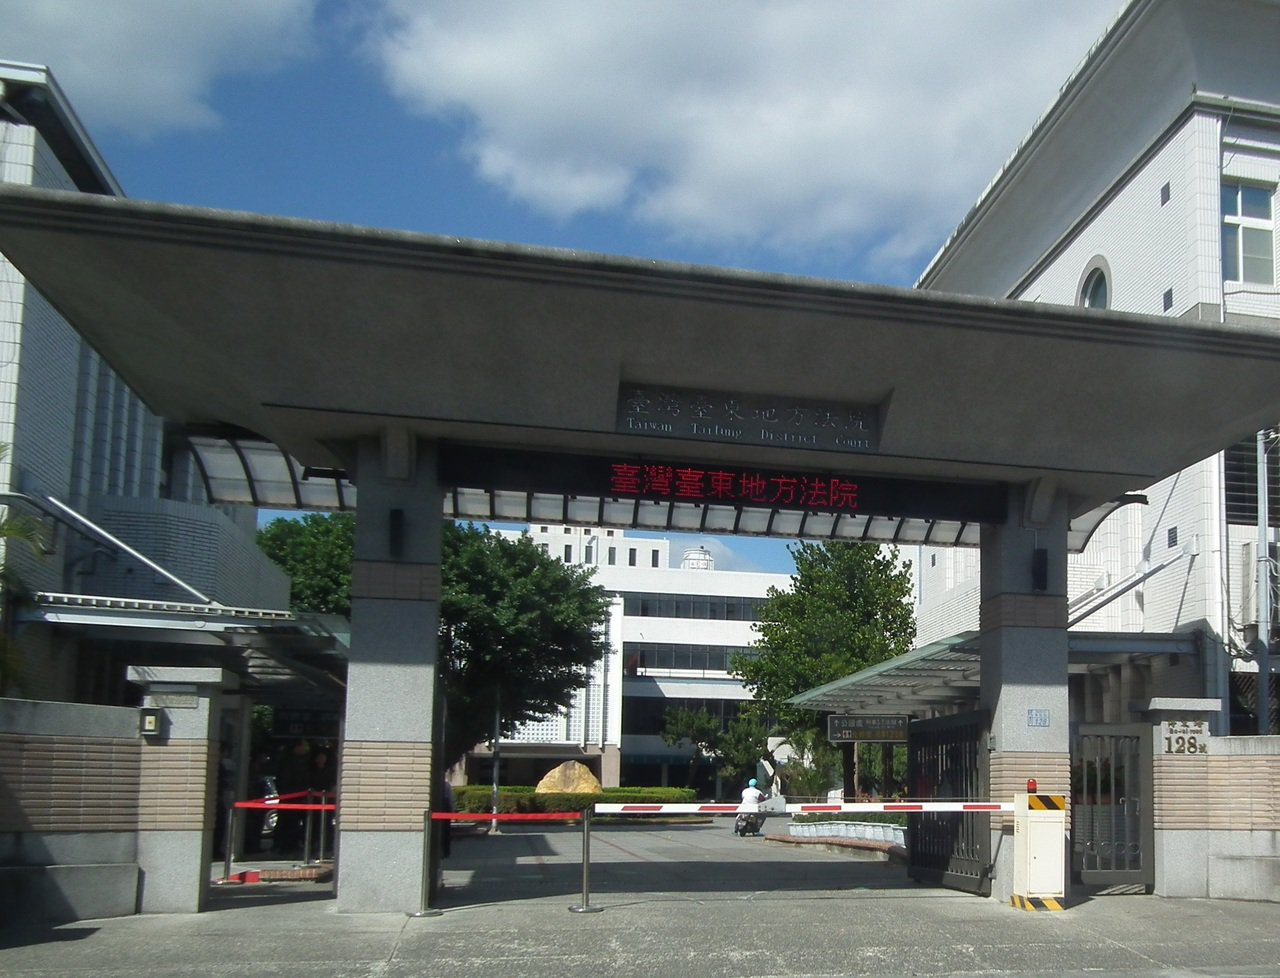 陸軍駐紮台東某單位1名葉姓下士,與1名有夫之婦發生不倫關係,台東地方法院依妨害婚...